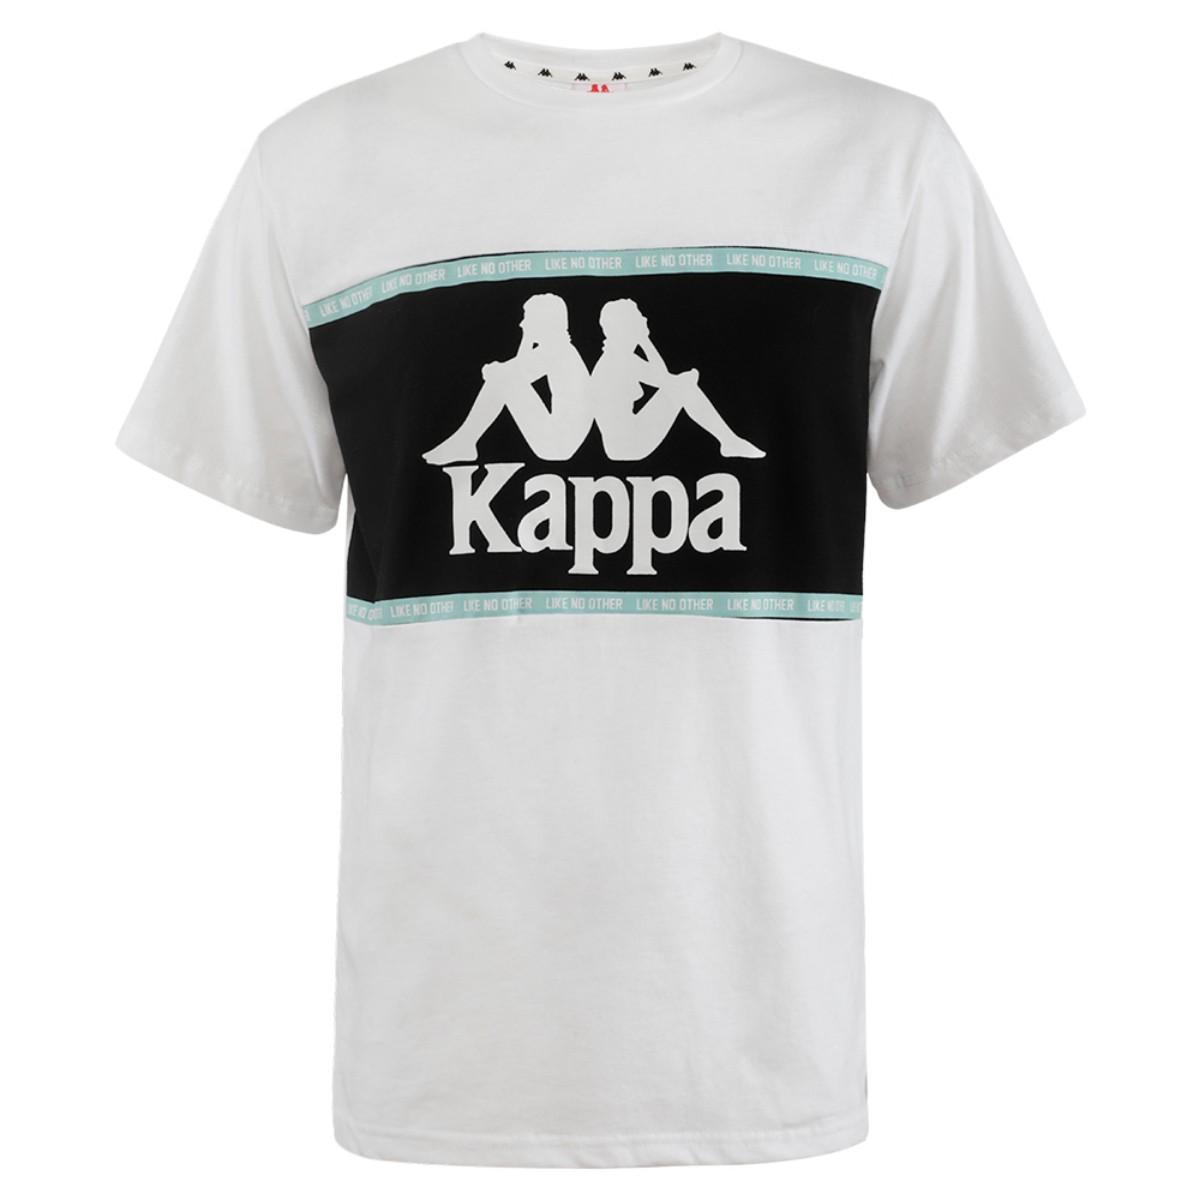 KPMPOV2101BL_1